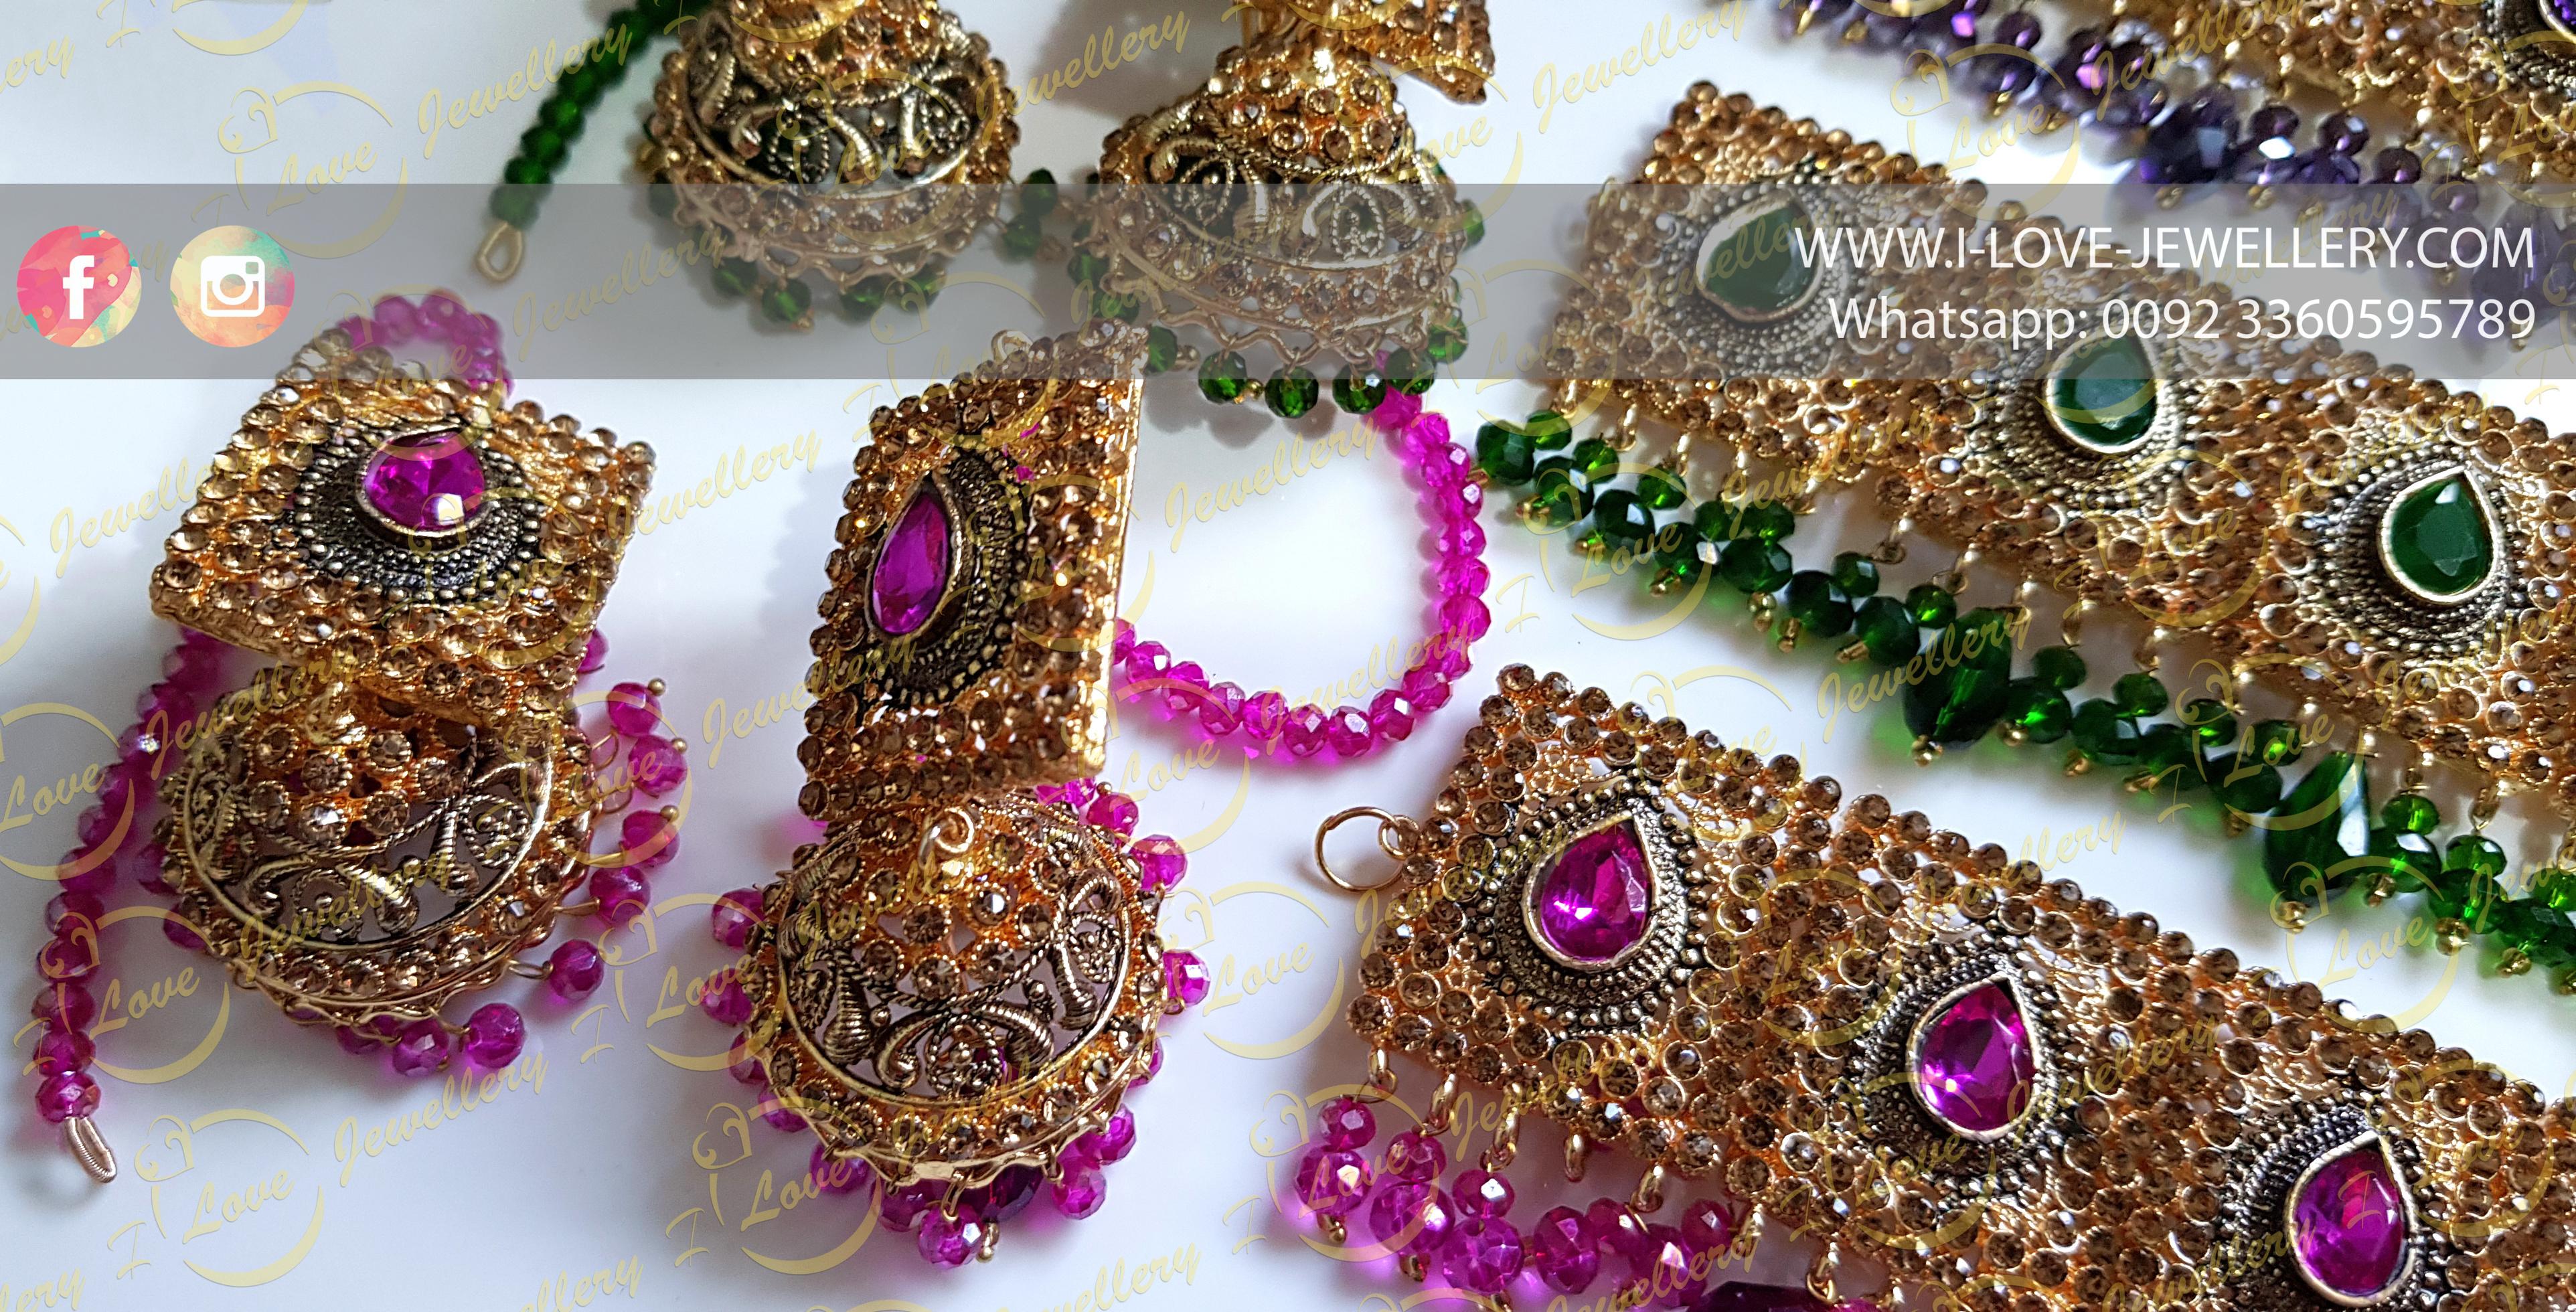 Pakistani choker - green choker - pink choker - bridal chokers - mehndi jewellery - Pakistani wedding jewellery - Pakistani bridal jewellery - wholesale Pakistani jewellery - bespoke Pakistani jewellery